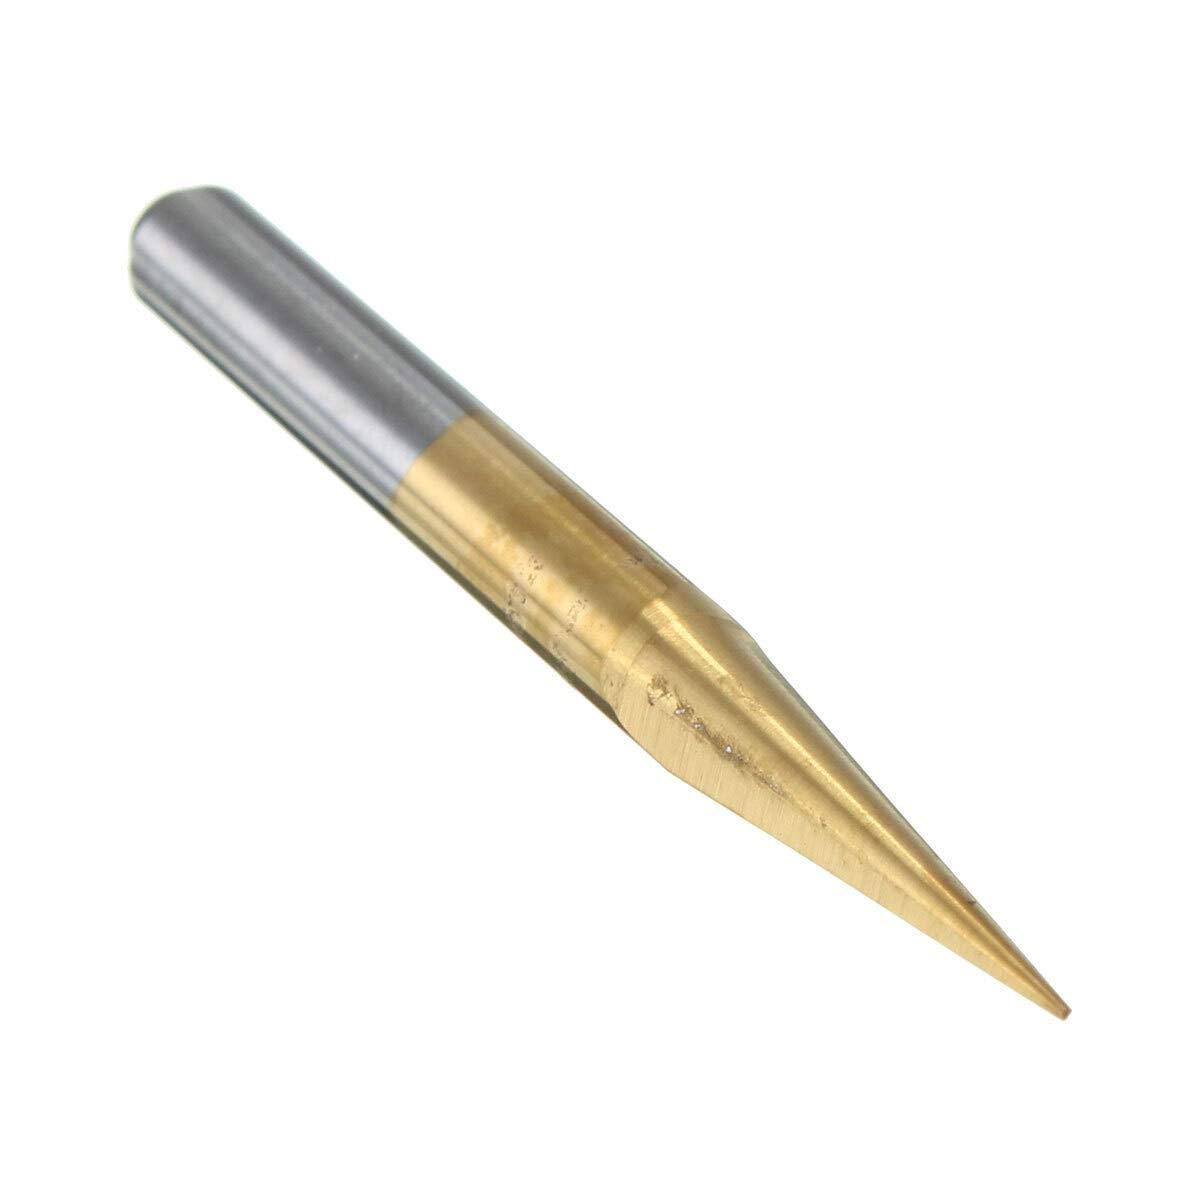 GENERICS LSB-Werkzeuge Gr/ö/ße : 1Pc 10 Degree 0.1mm 1Pc 10 Grad 0.1mm titannitriert Carbide PCB Acryl ABS Kupferstich CNC-Bits Router-Werkzeug for Pr/äzisionsteile aus Metall